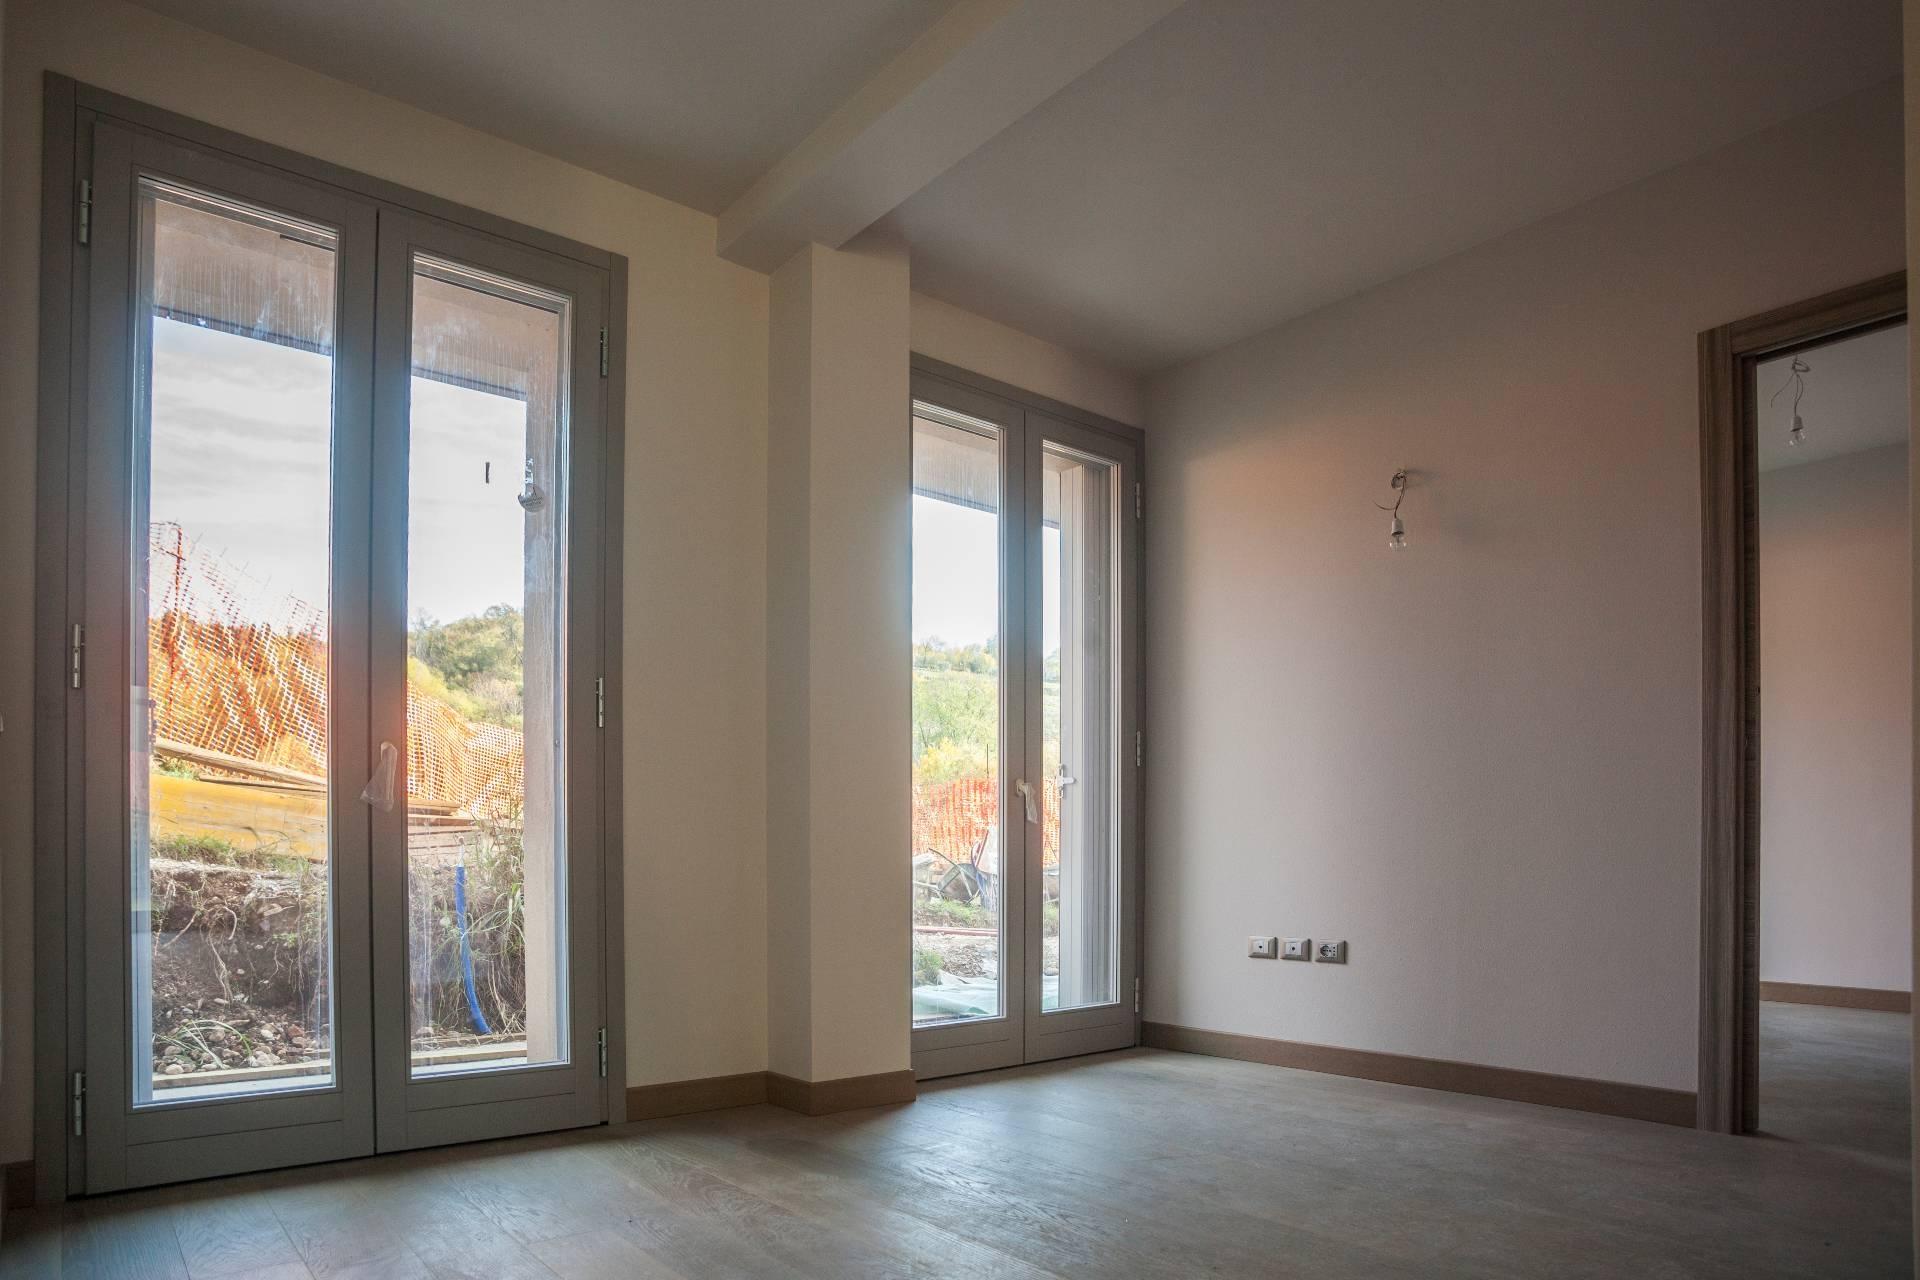 Appartamento in Vendita a Verona Semicentro Nord: 2 locali, 122 mq